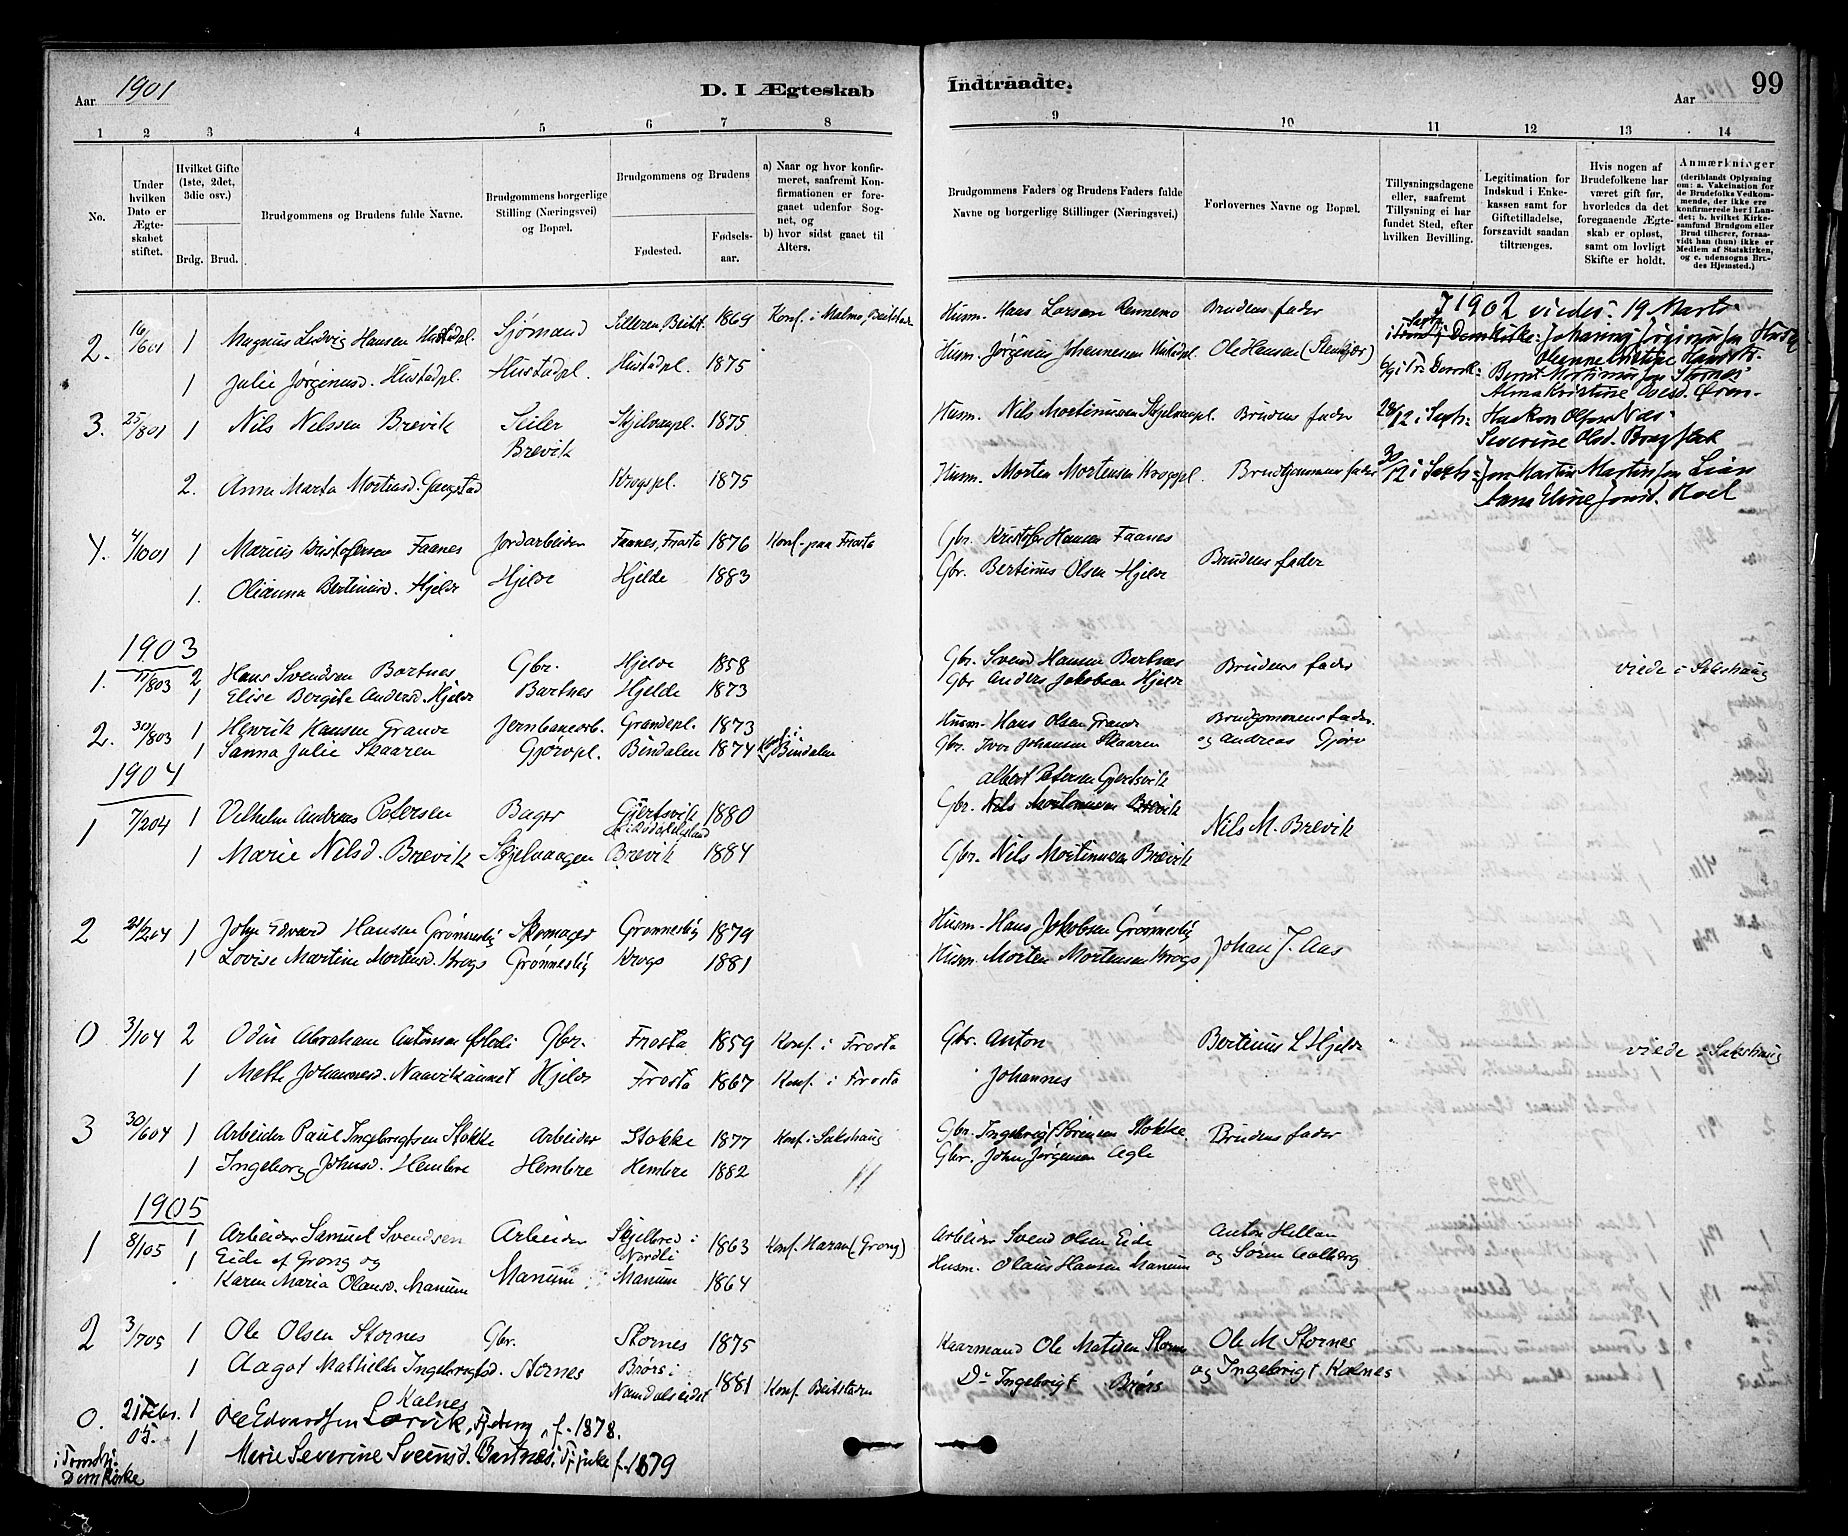 SAT, Ministerialprotokoller, klokkerbøker og fødselsregistre - Nord-Trøndelag, 732/L0318: Klokkerbok nr. 732C02, 1881-1911, s. 99